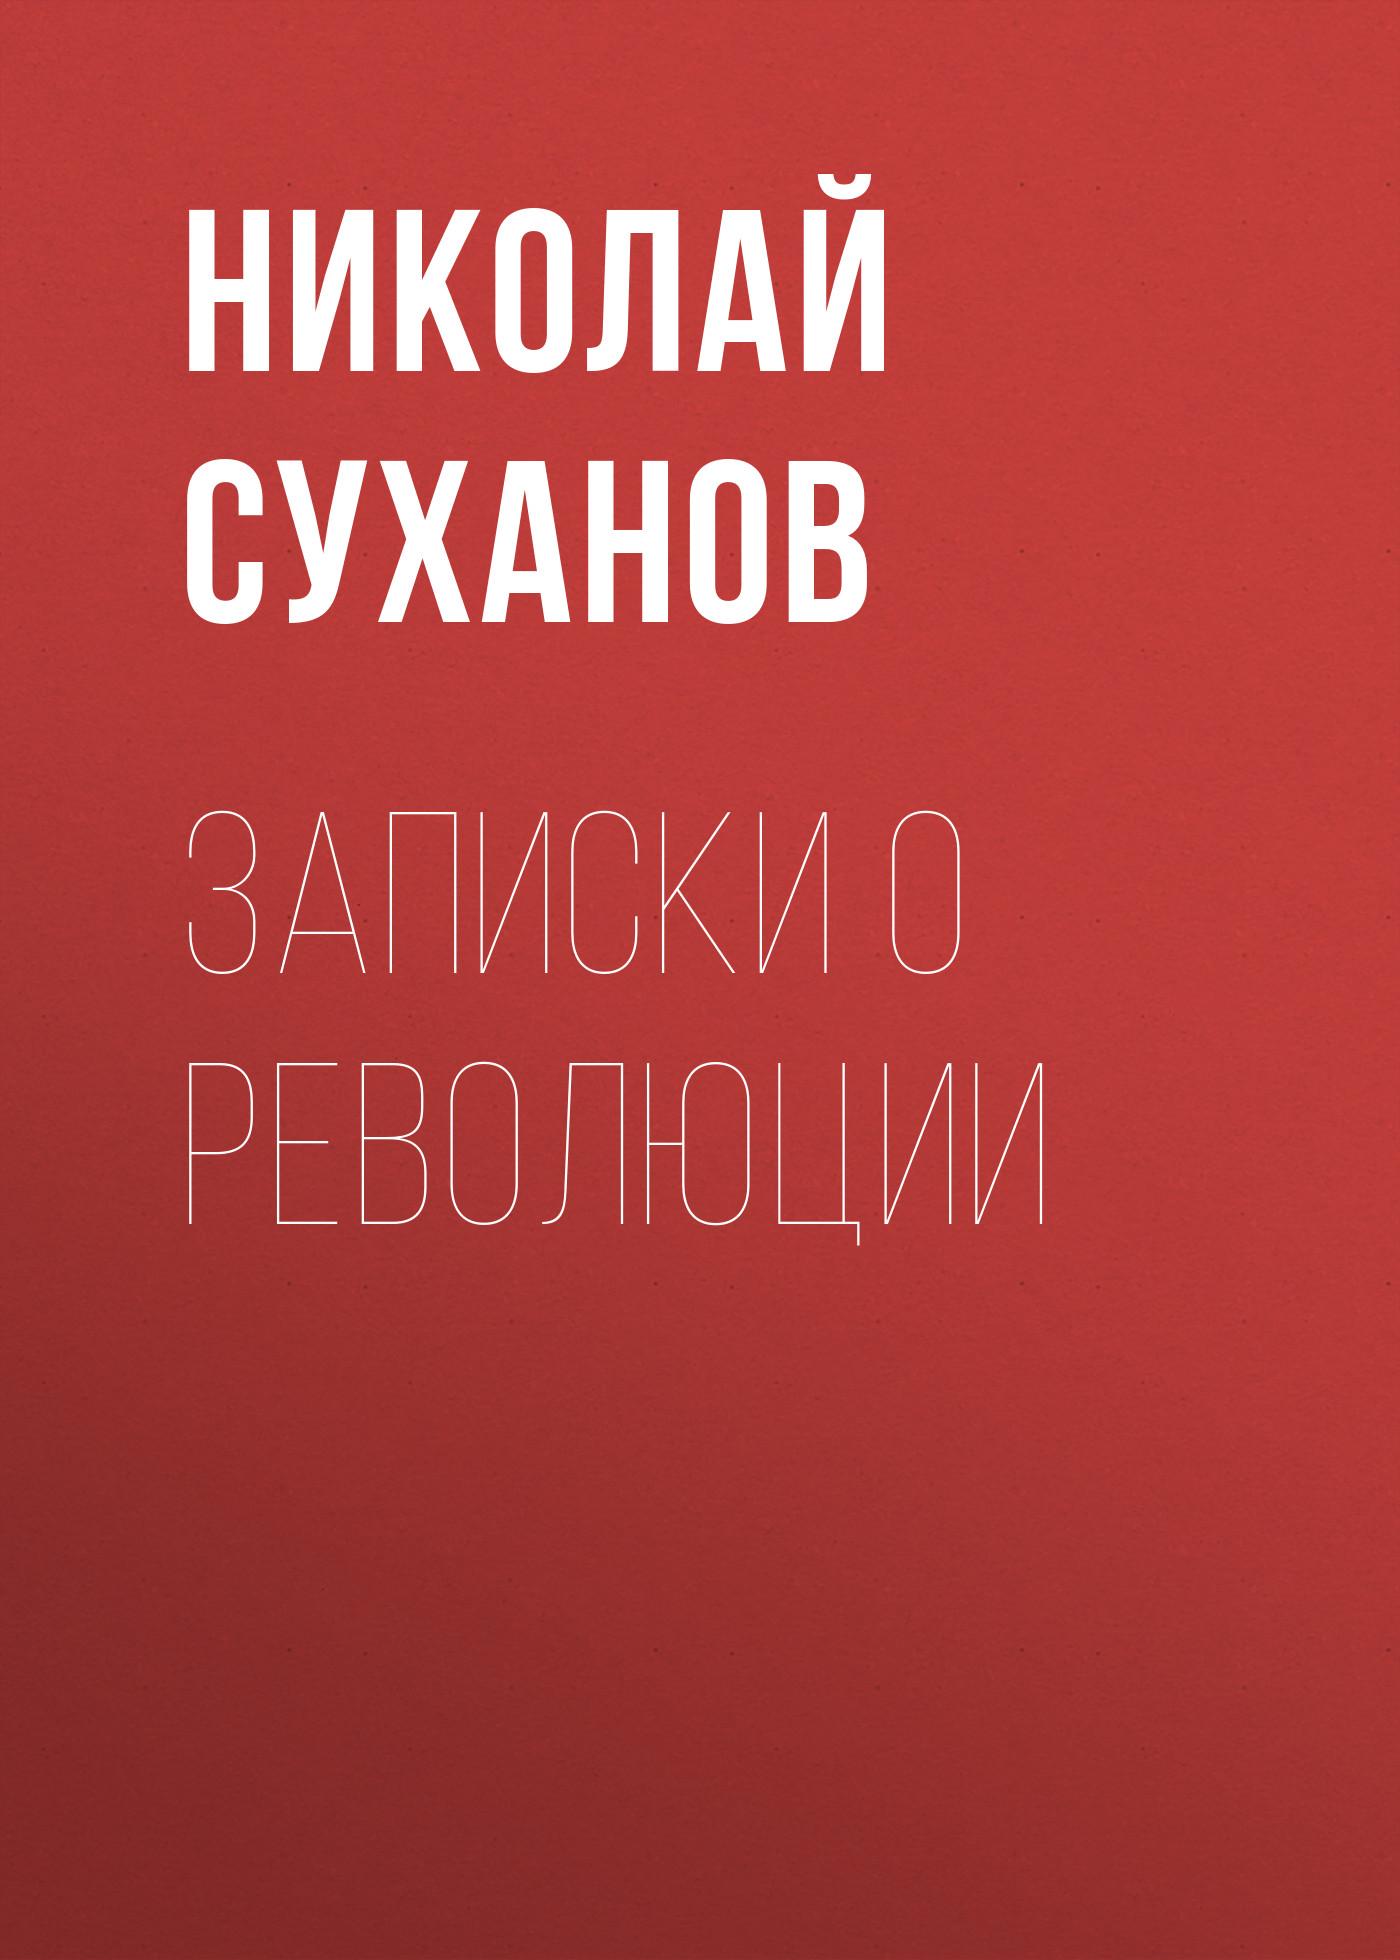 Николай Суханов Записки о революции лев суханов как ельцин стал президентом записки первого помощника